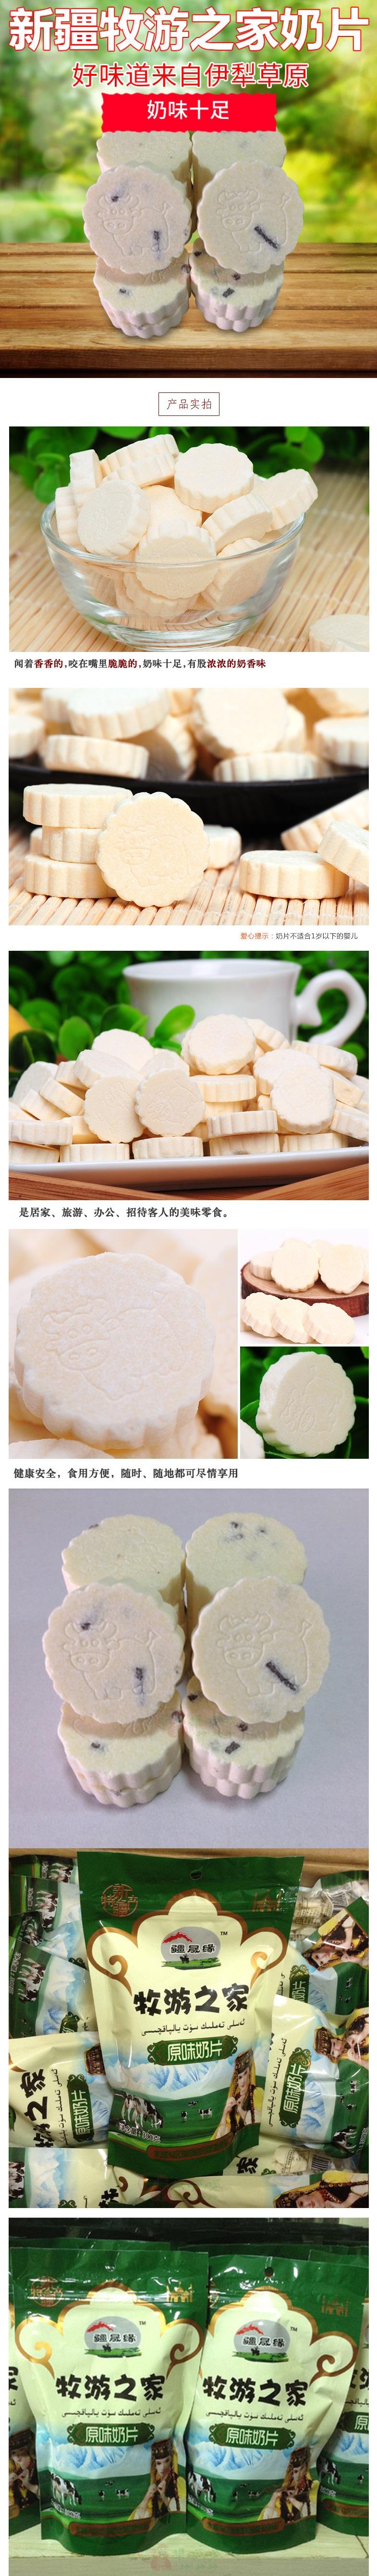 新疆特产  原味奶片干吃奶片休闲零食天然原味奶片食品300g/袋*2包邮